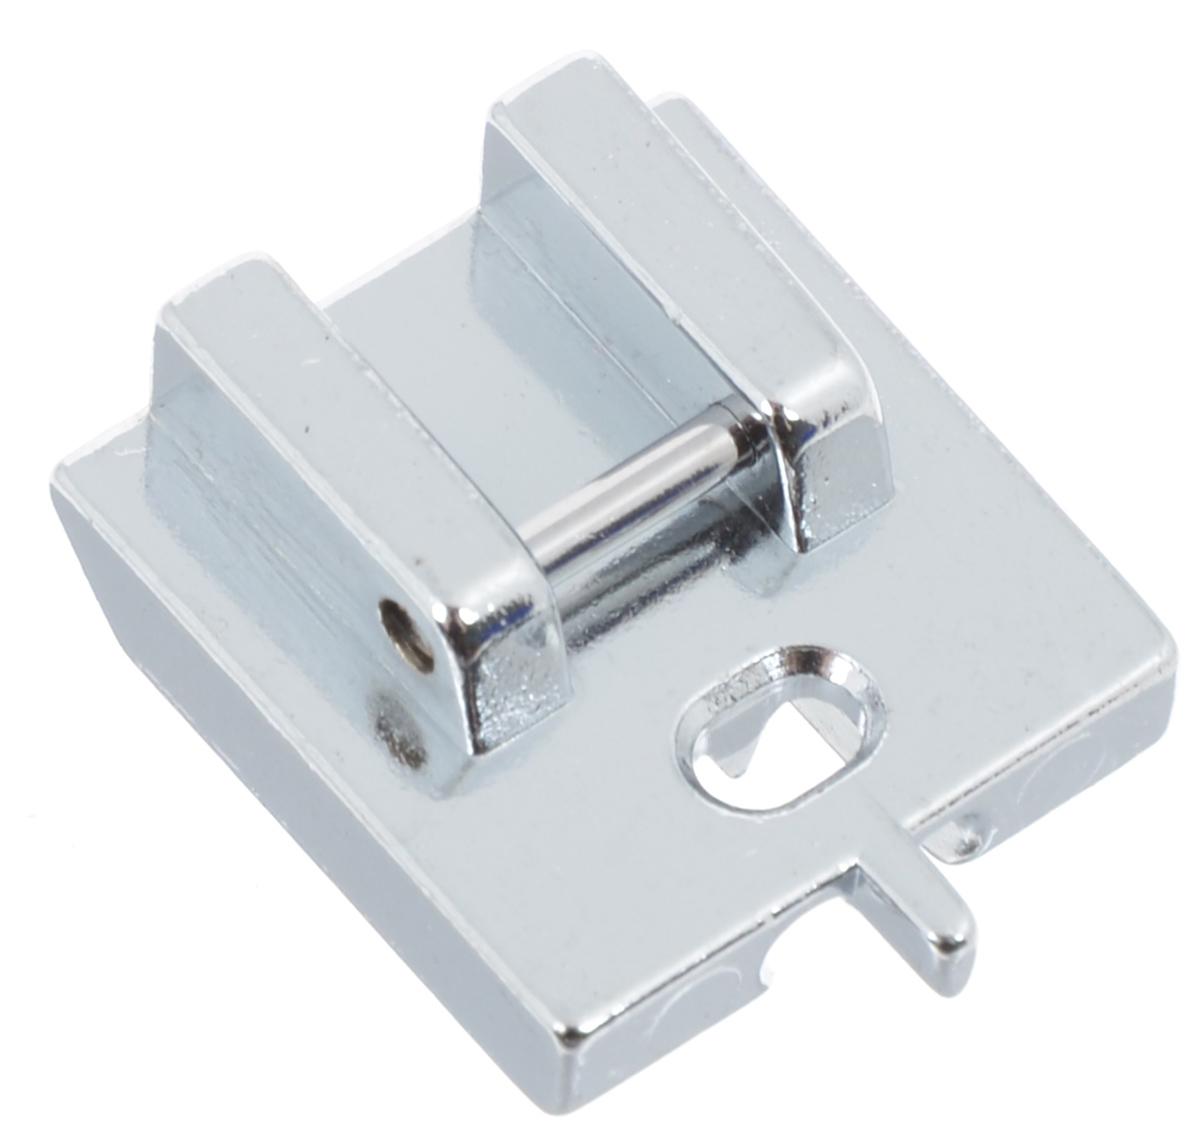 Лапка для швейной машины Aurora, для потайной молнии, с направляющейFTH 24Лапка для швейной машины Aurora используется для вшивания потайной молнии. Направитель в передней части лапки помогает надежно зафиксировать молнию, предотвращает смещение зубцов в процессе пришивания застежки-молнии. Лапка подходит для большинства современных бытовых швейных машин. Инструкция по использованию прилагается.